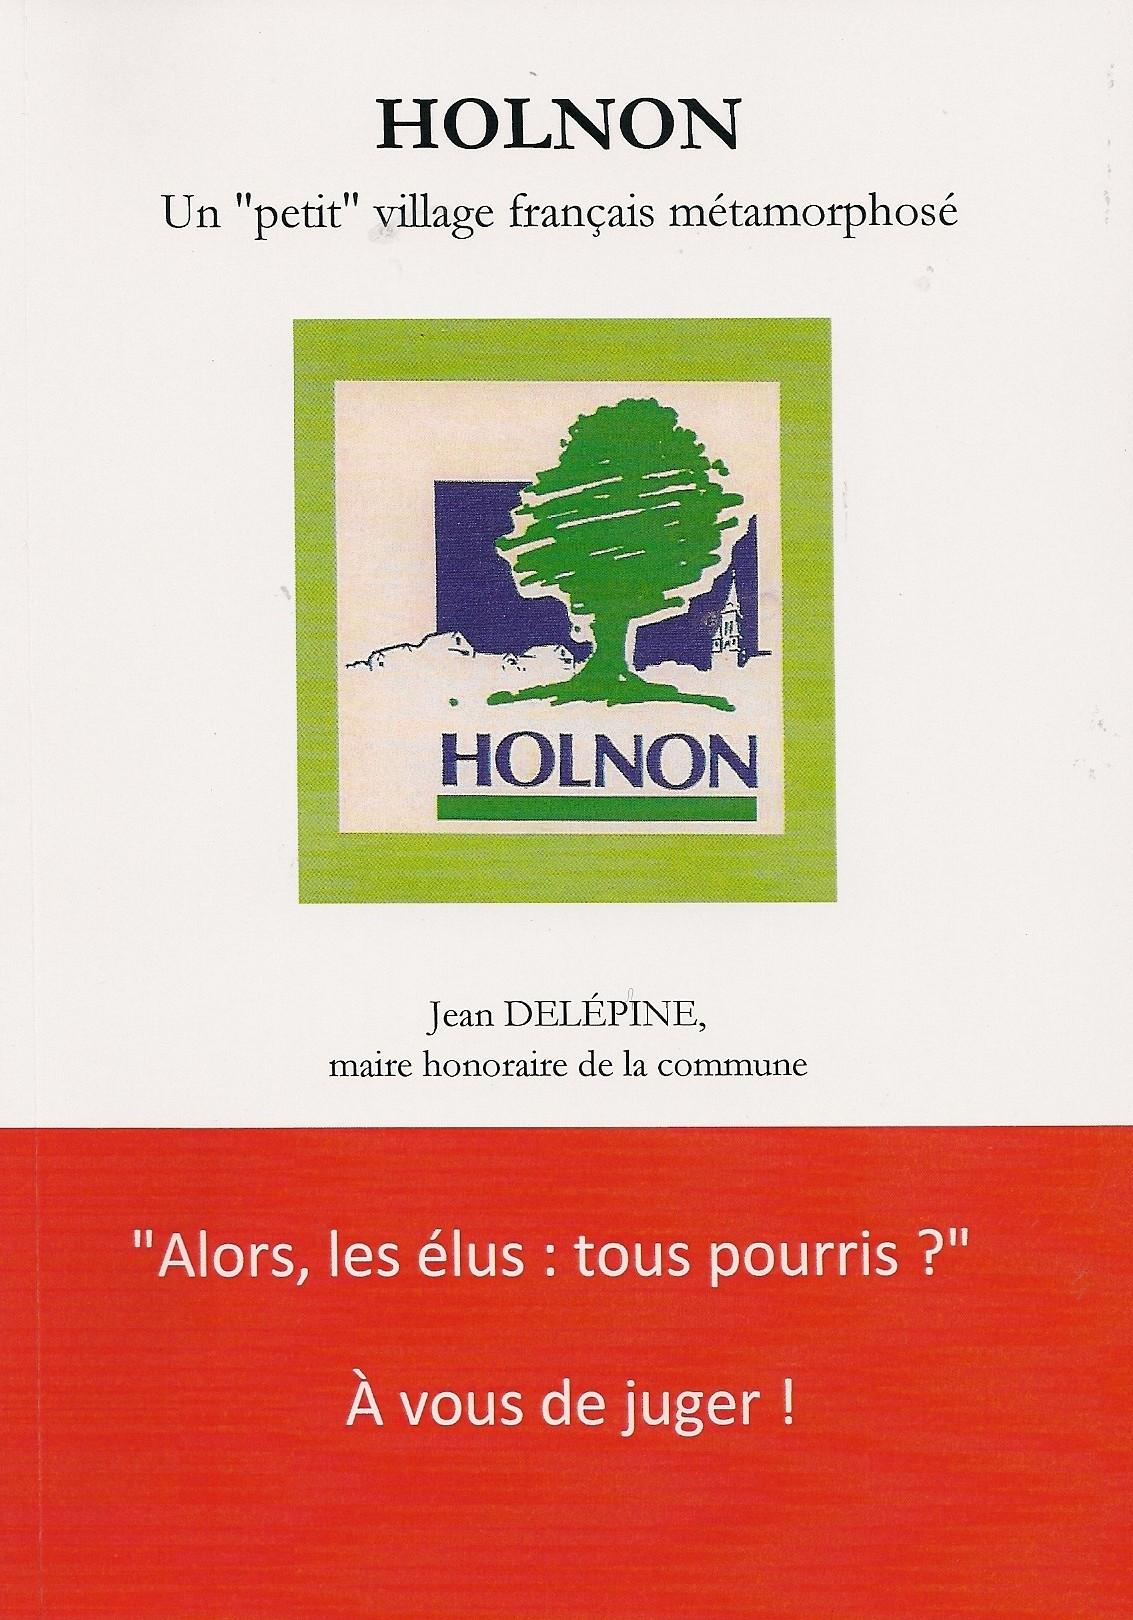 Couverture du livre delepine0001